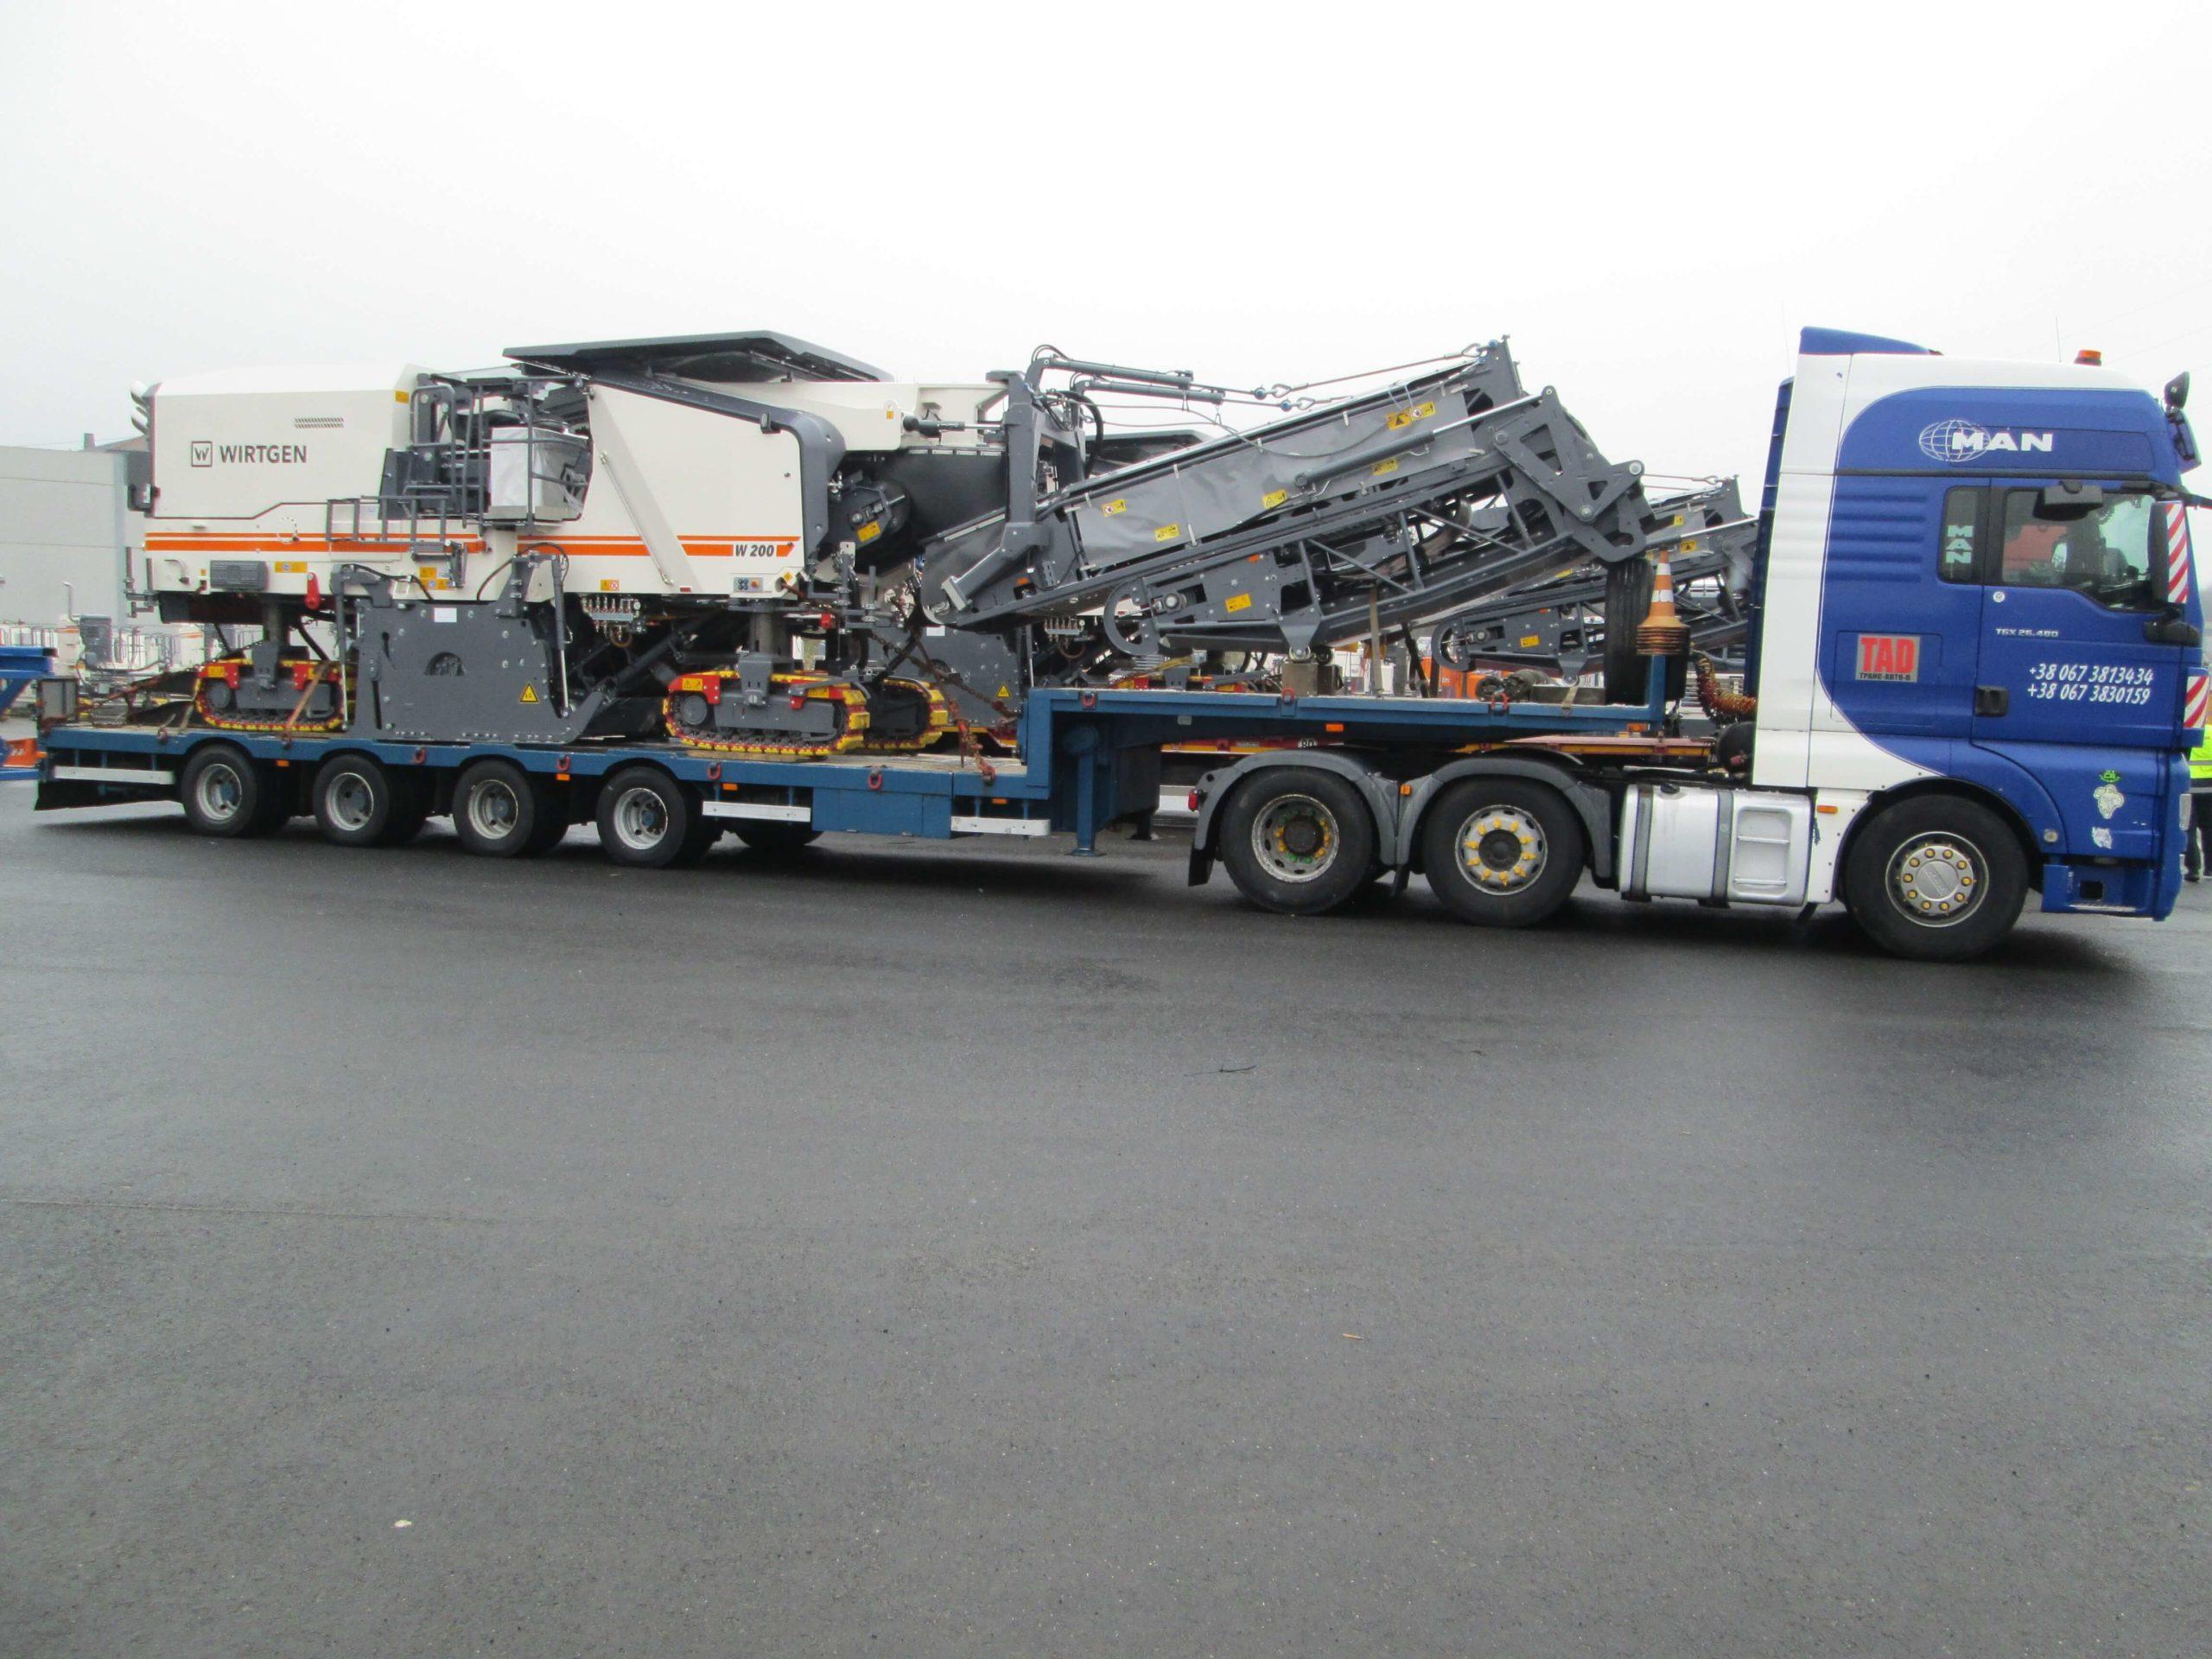 Перевозка-дорожной-фрезы-Wirtgen-W200-по-маршруту-Германия-Украина